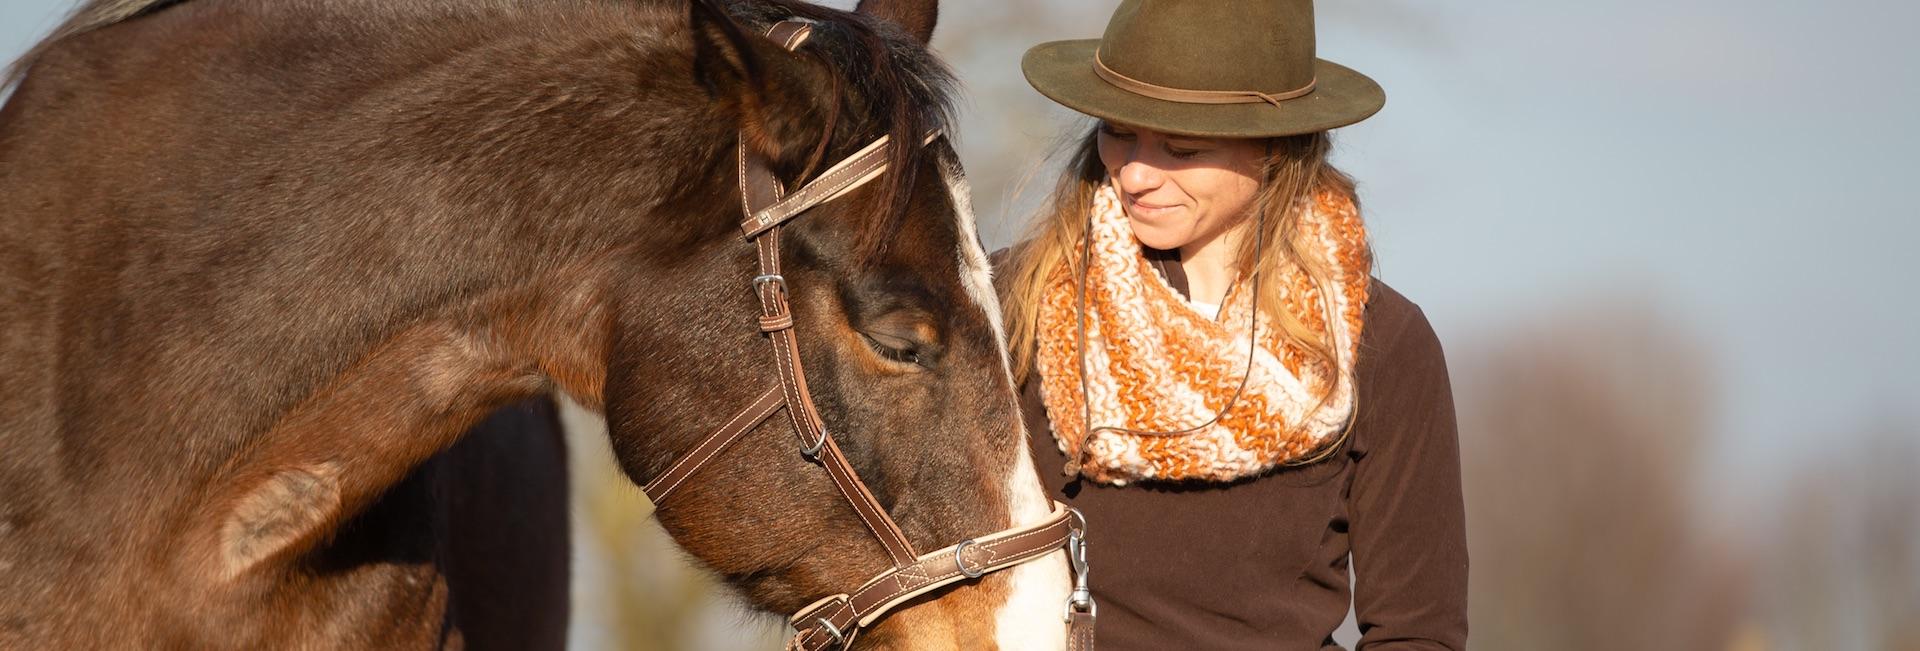 So wirst du ein guter Pferdemensch